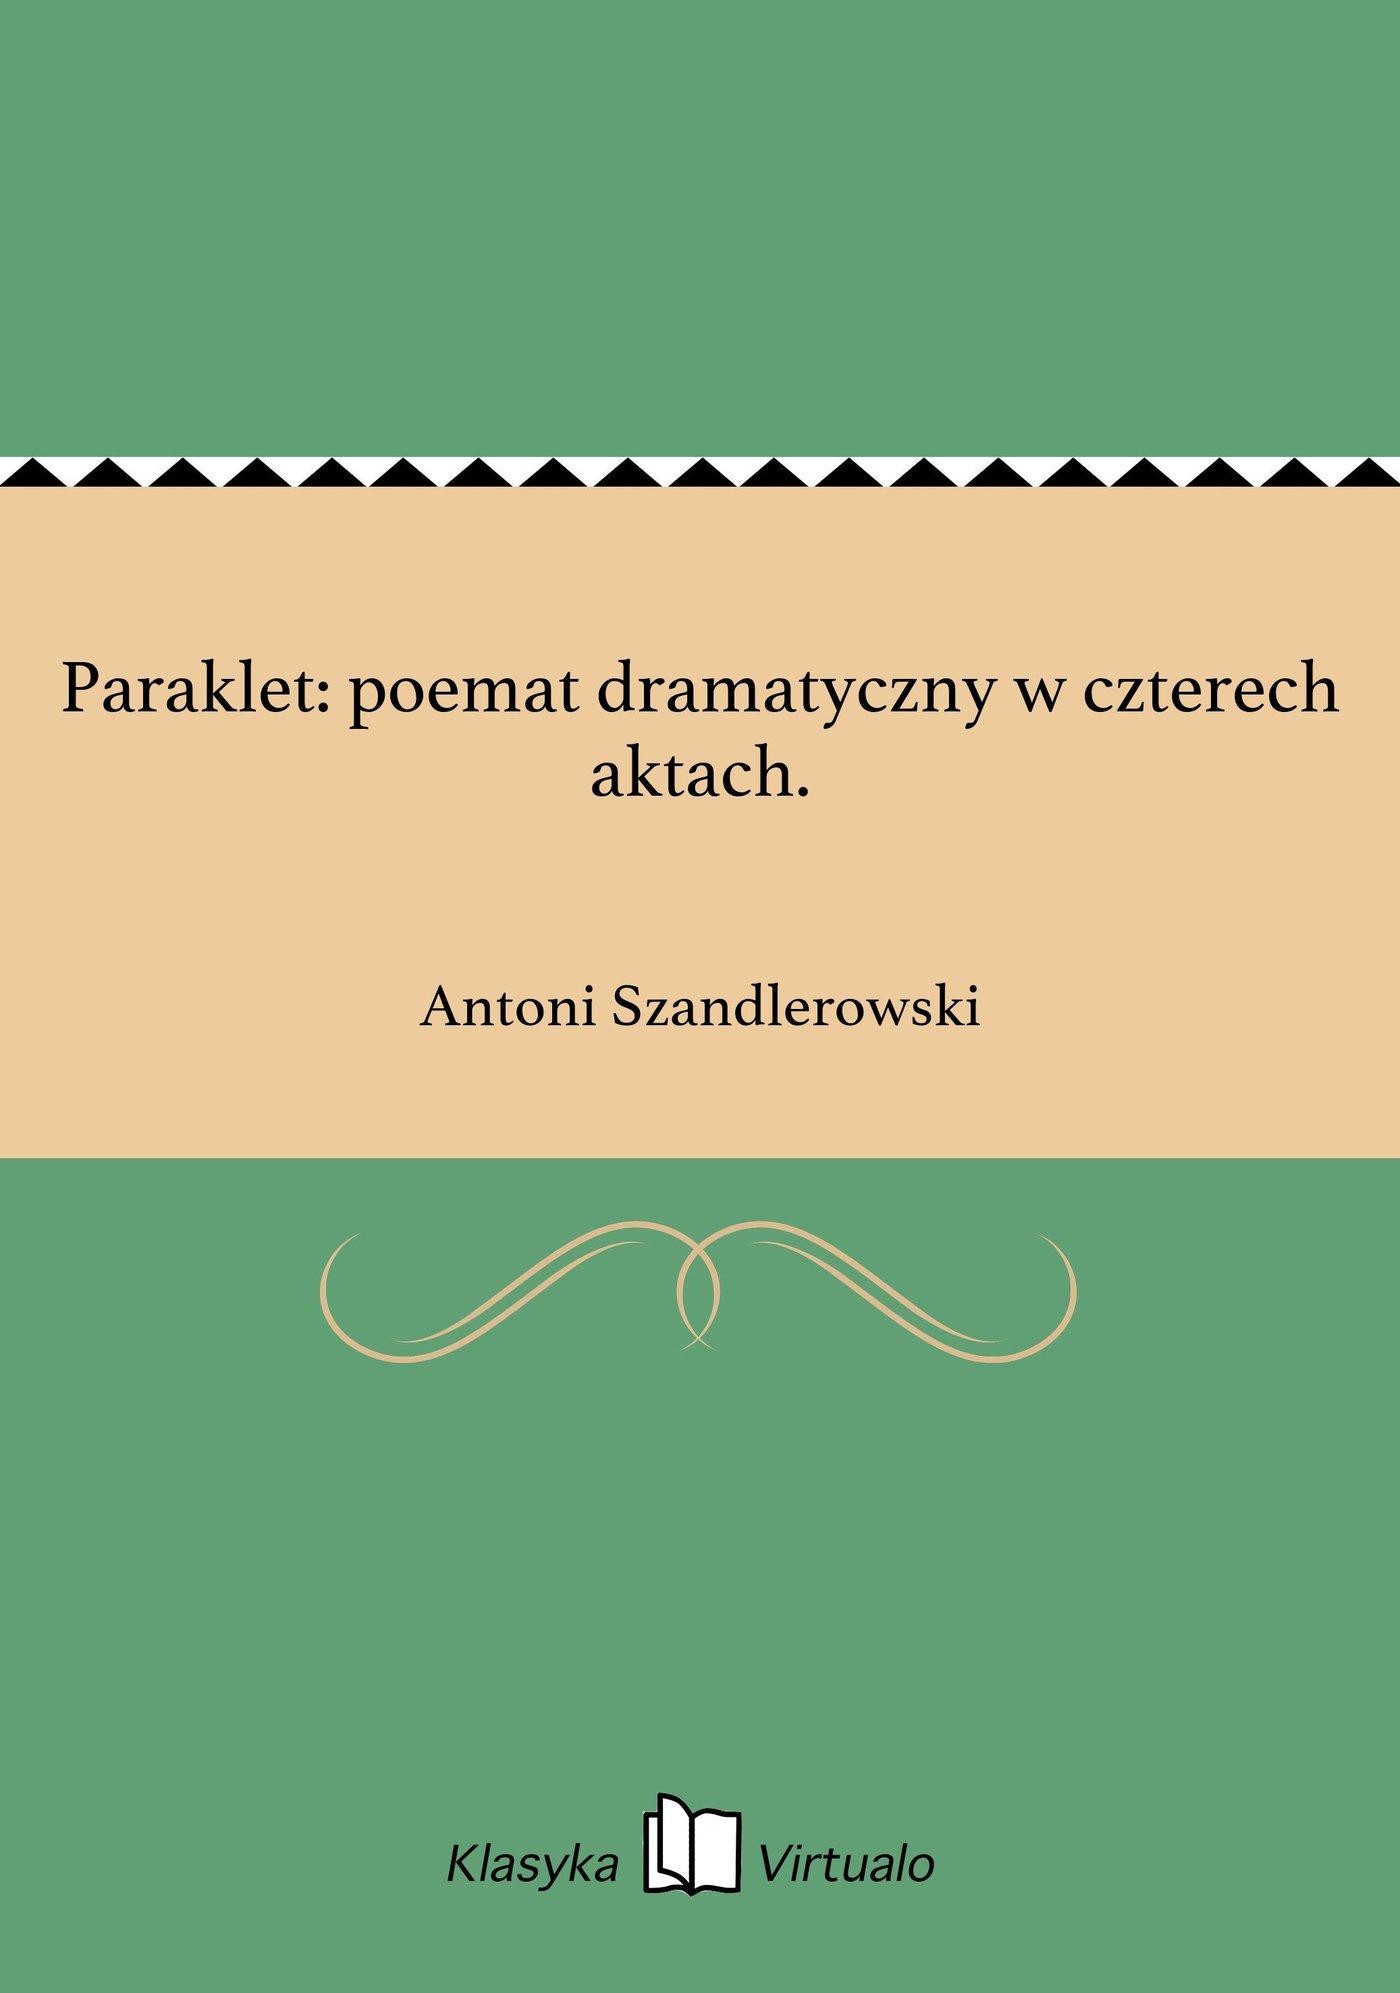 Paraklet: poemat dramatyczny w czterech aktach. - Ebook (Książka na Kindle) do pobrania w formacie MOBI